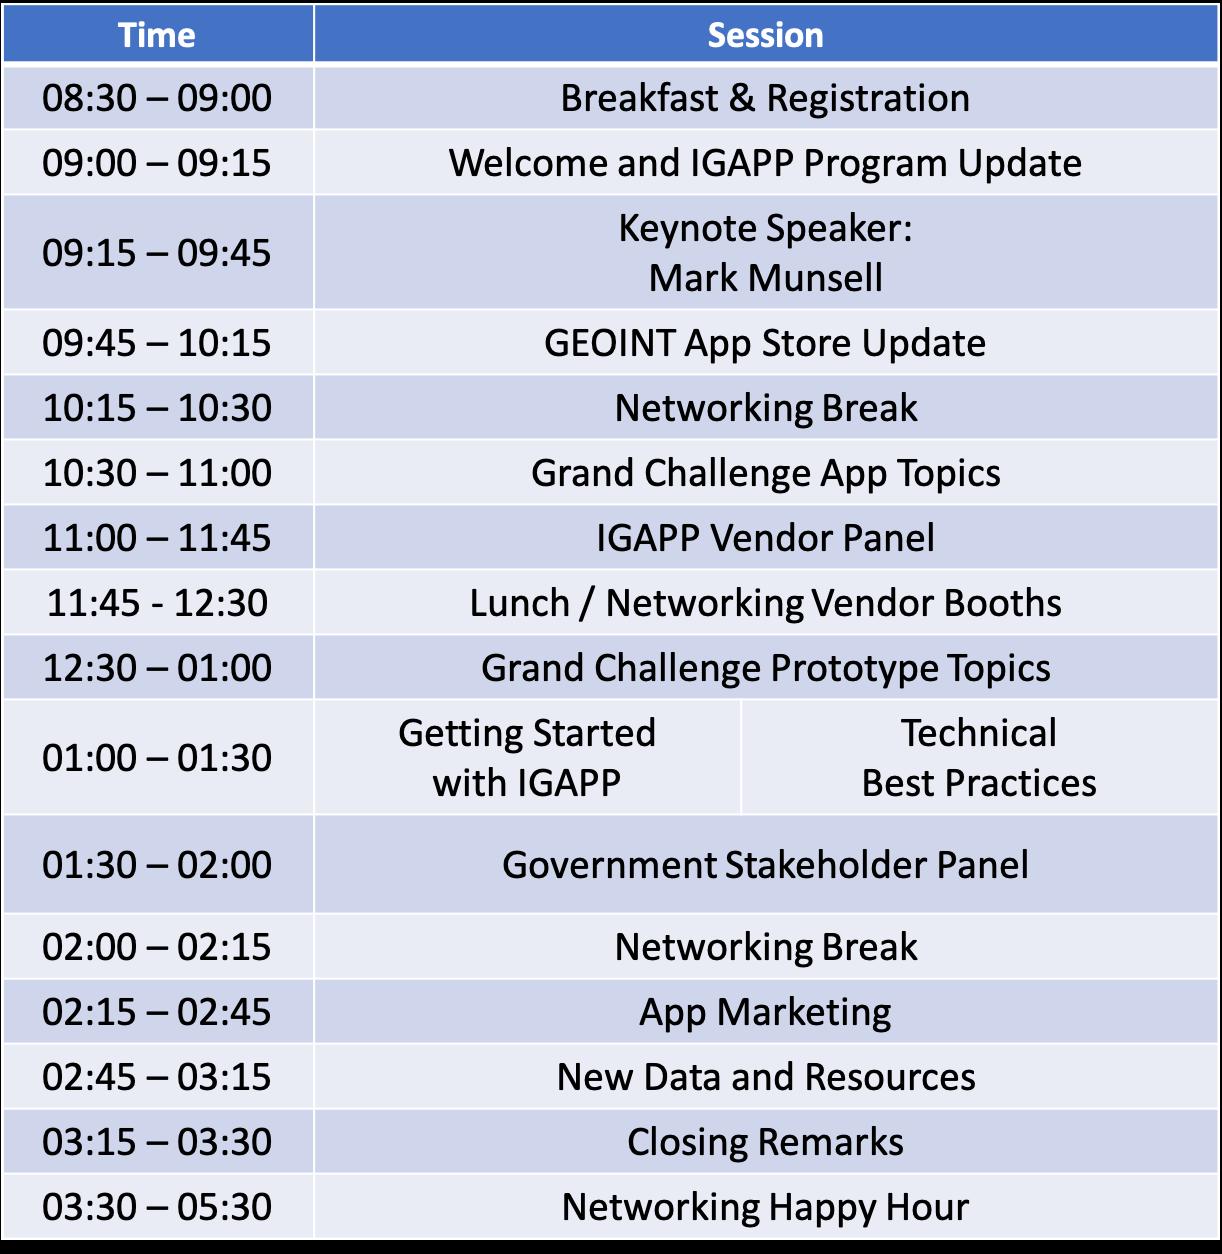 IGAPP DevCon 2019 - 6 MAR 2019